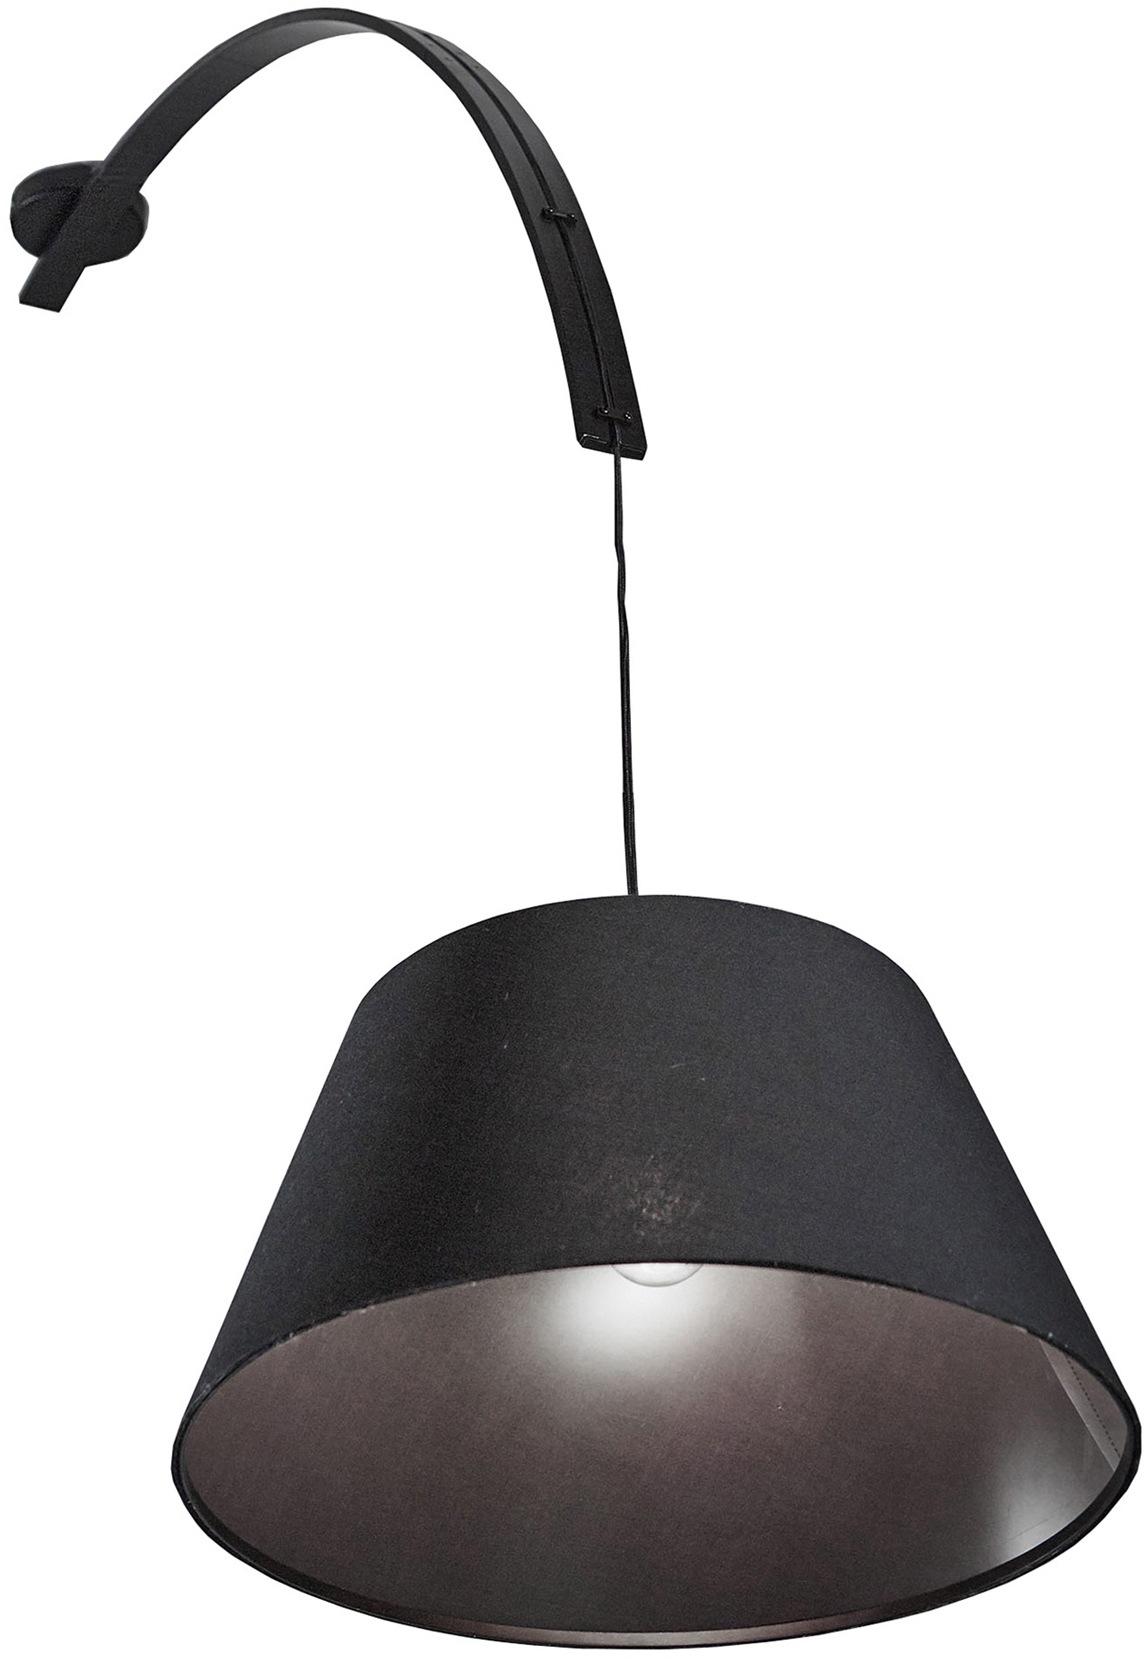 SalesFever Hängeleuchten Lenni, E27, Angeschrägte Bogenform